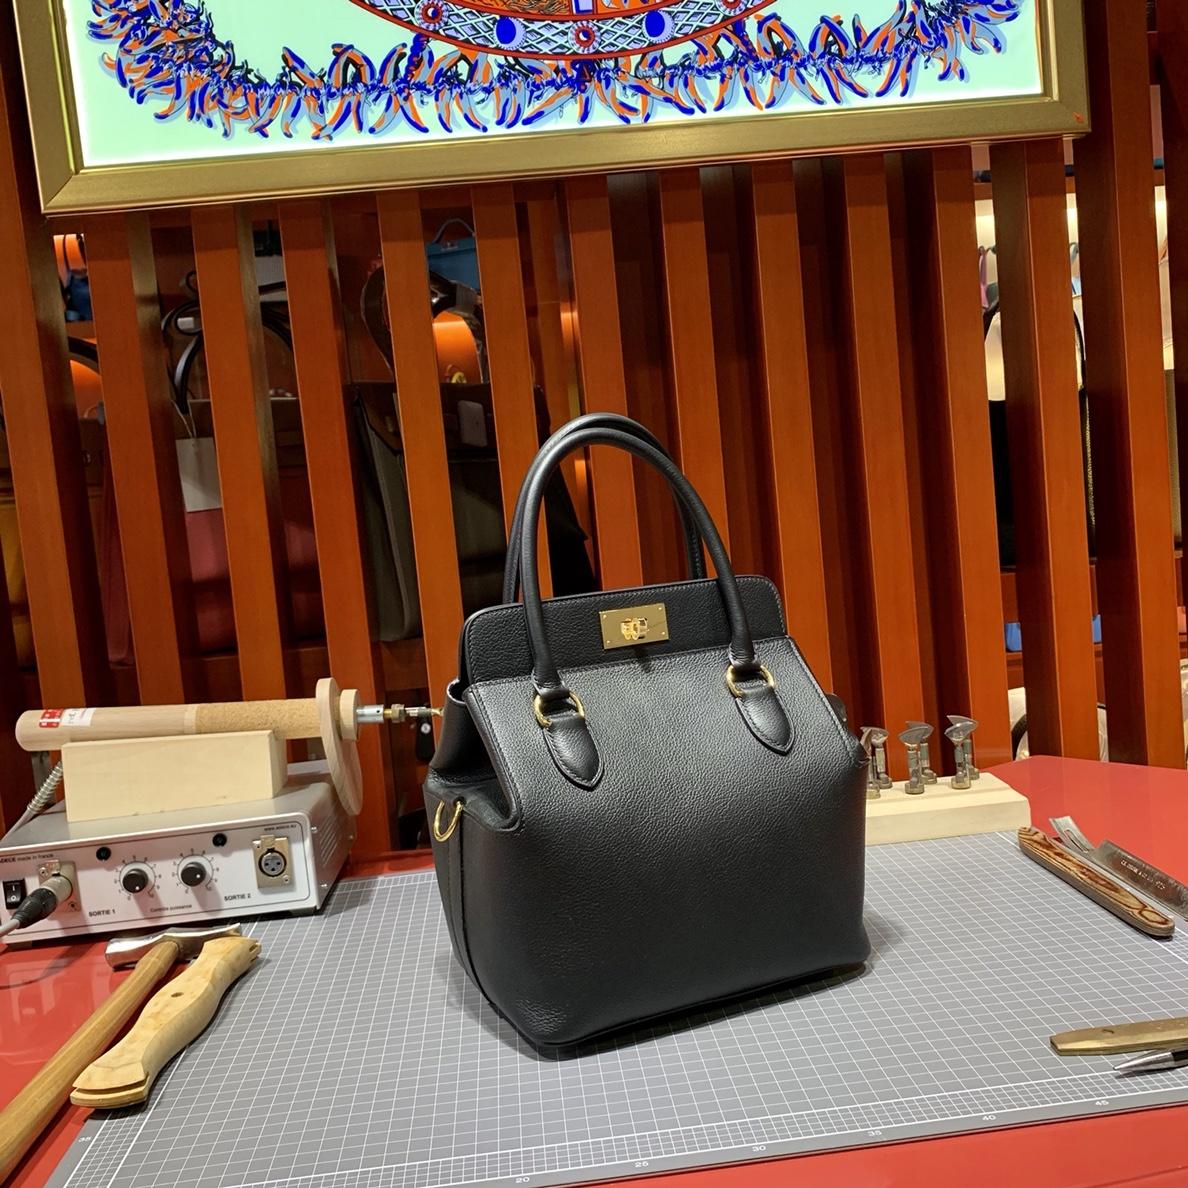 蜡线手工缝制 Hermes爱马仕进口Evercolor牛皮Toolbox盒子包20cm 黑色金扣